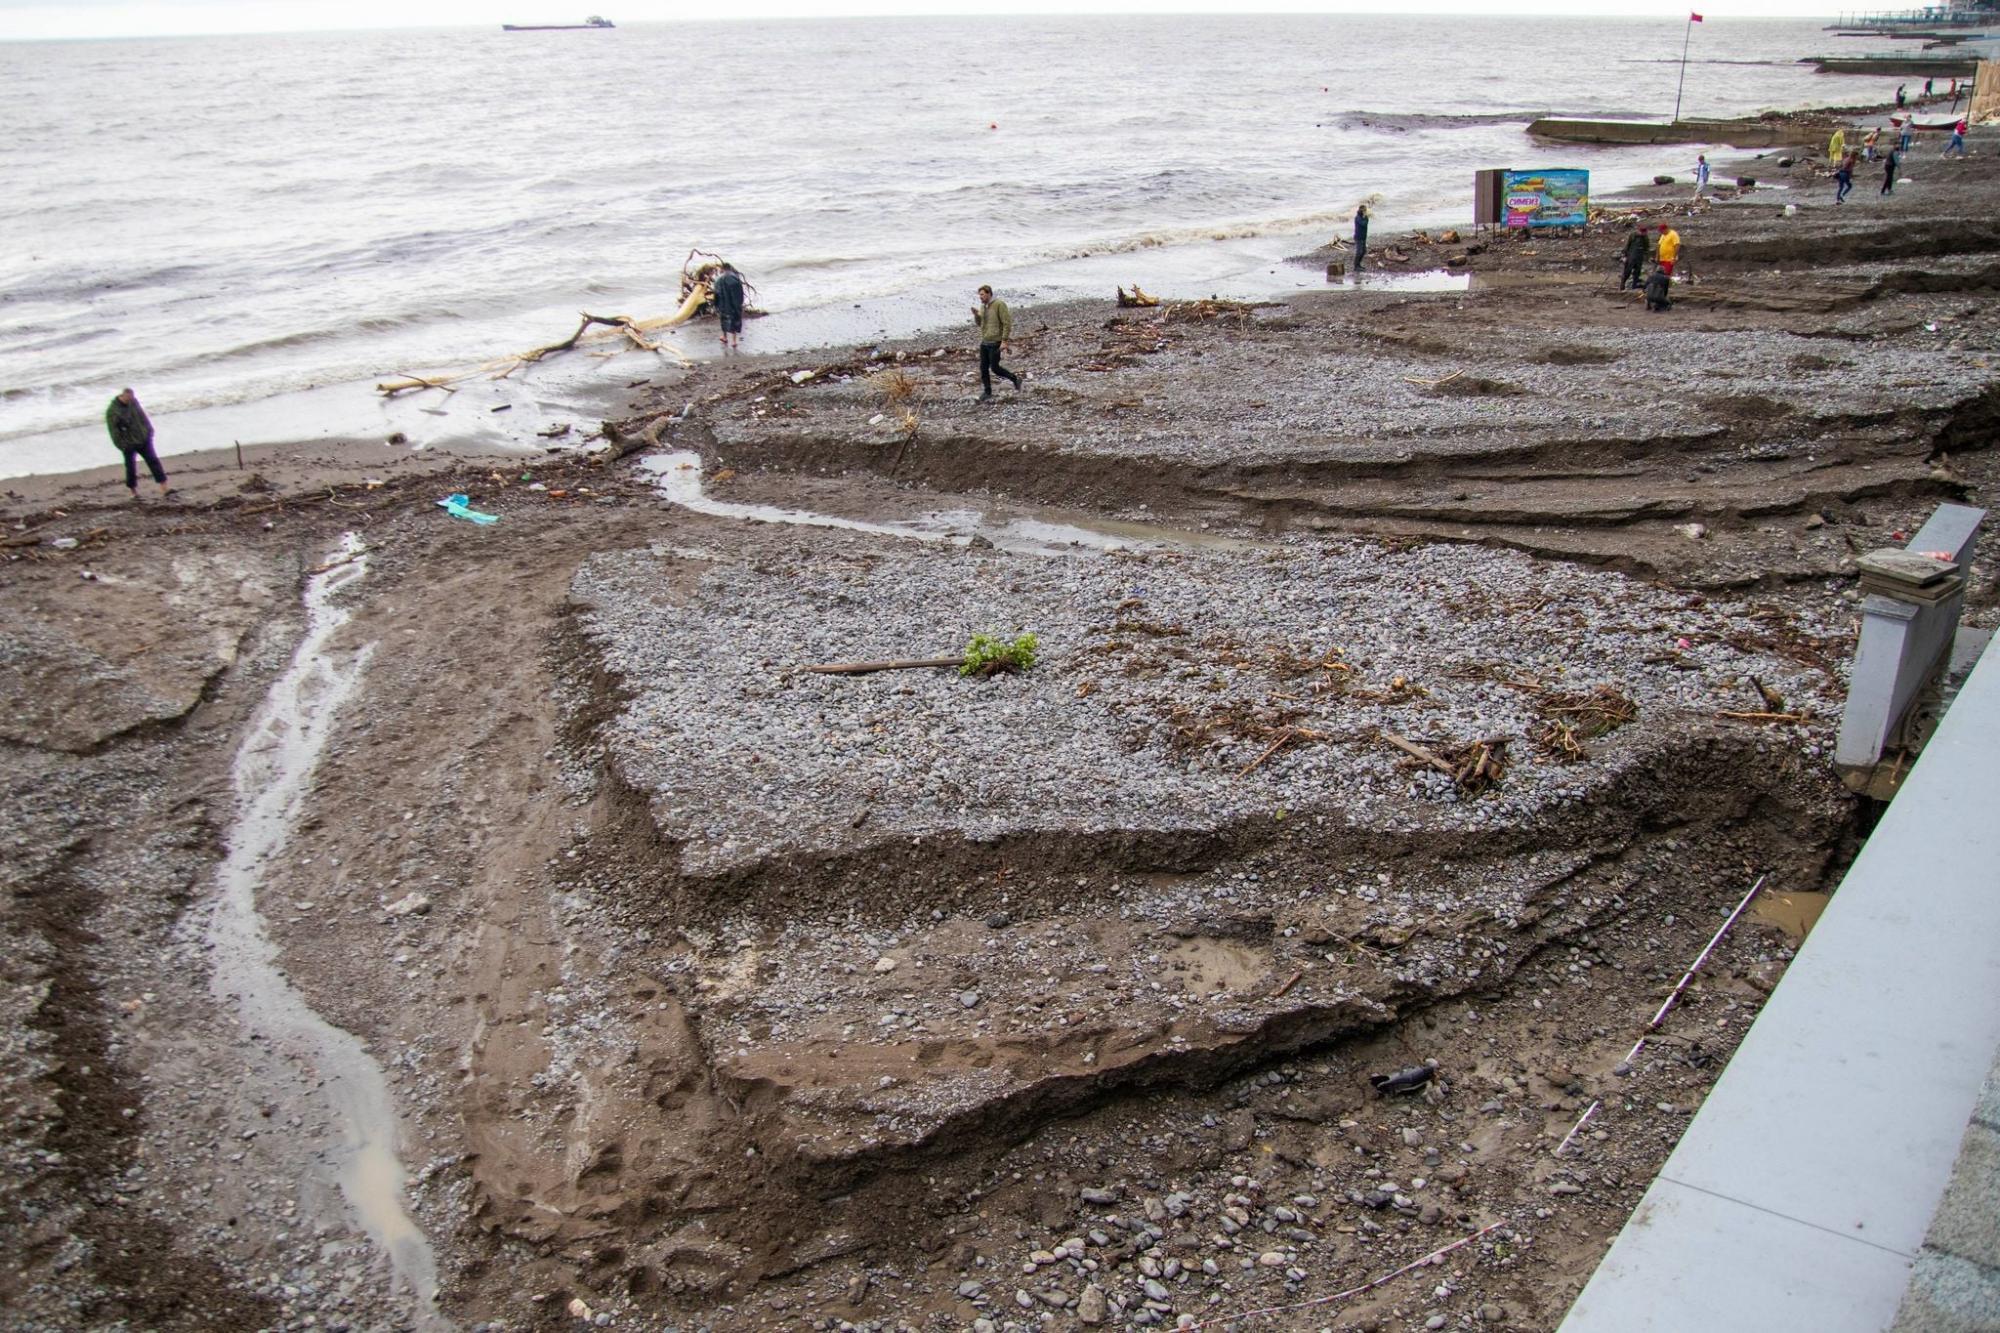 В Ялте из-за наводнения смыло пляжи: отдыхающие бегут из города (видео)